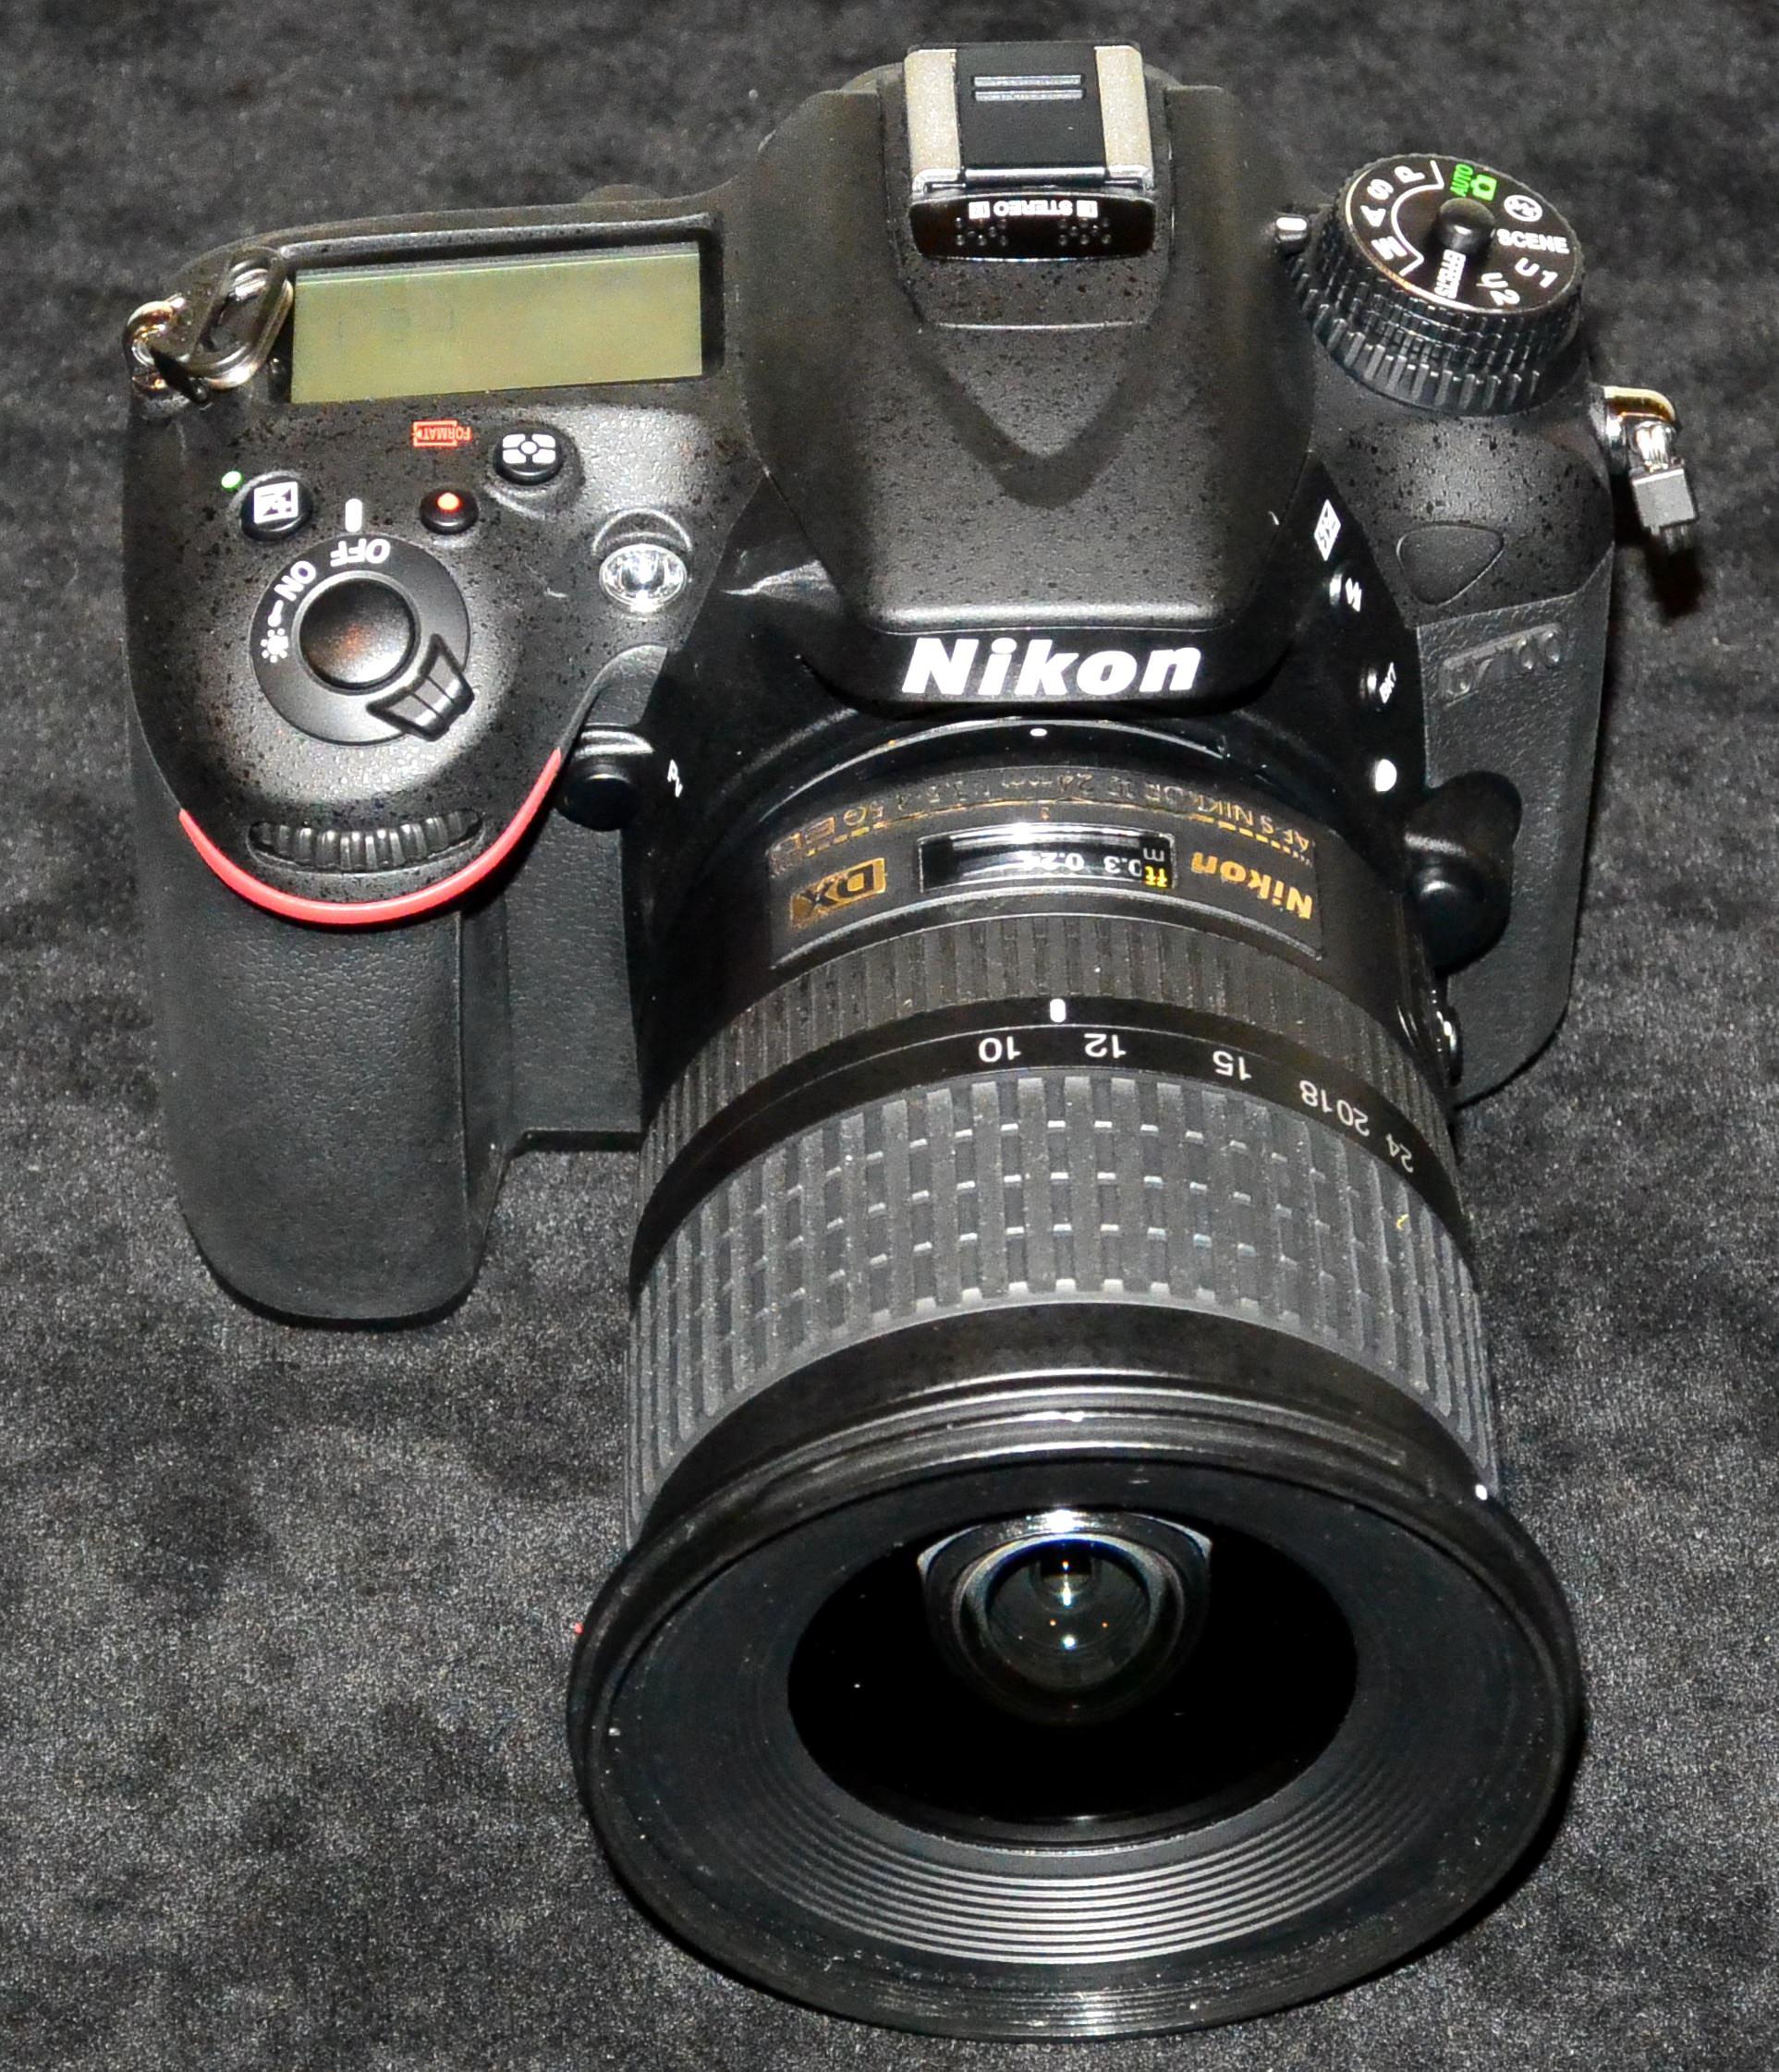 Nikon D7100 DSLR Hands-On Preview